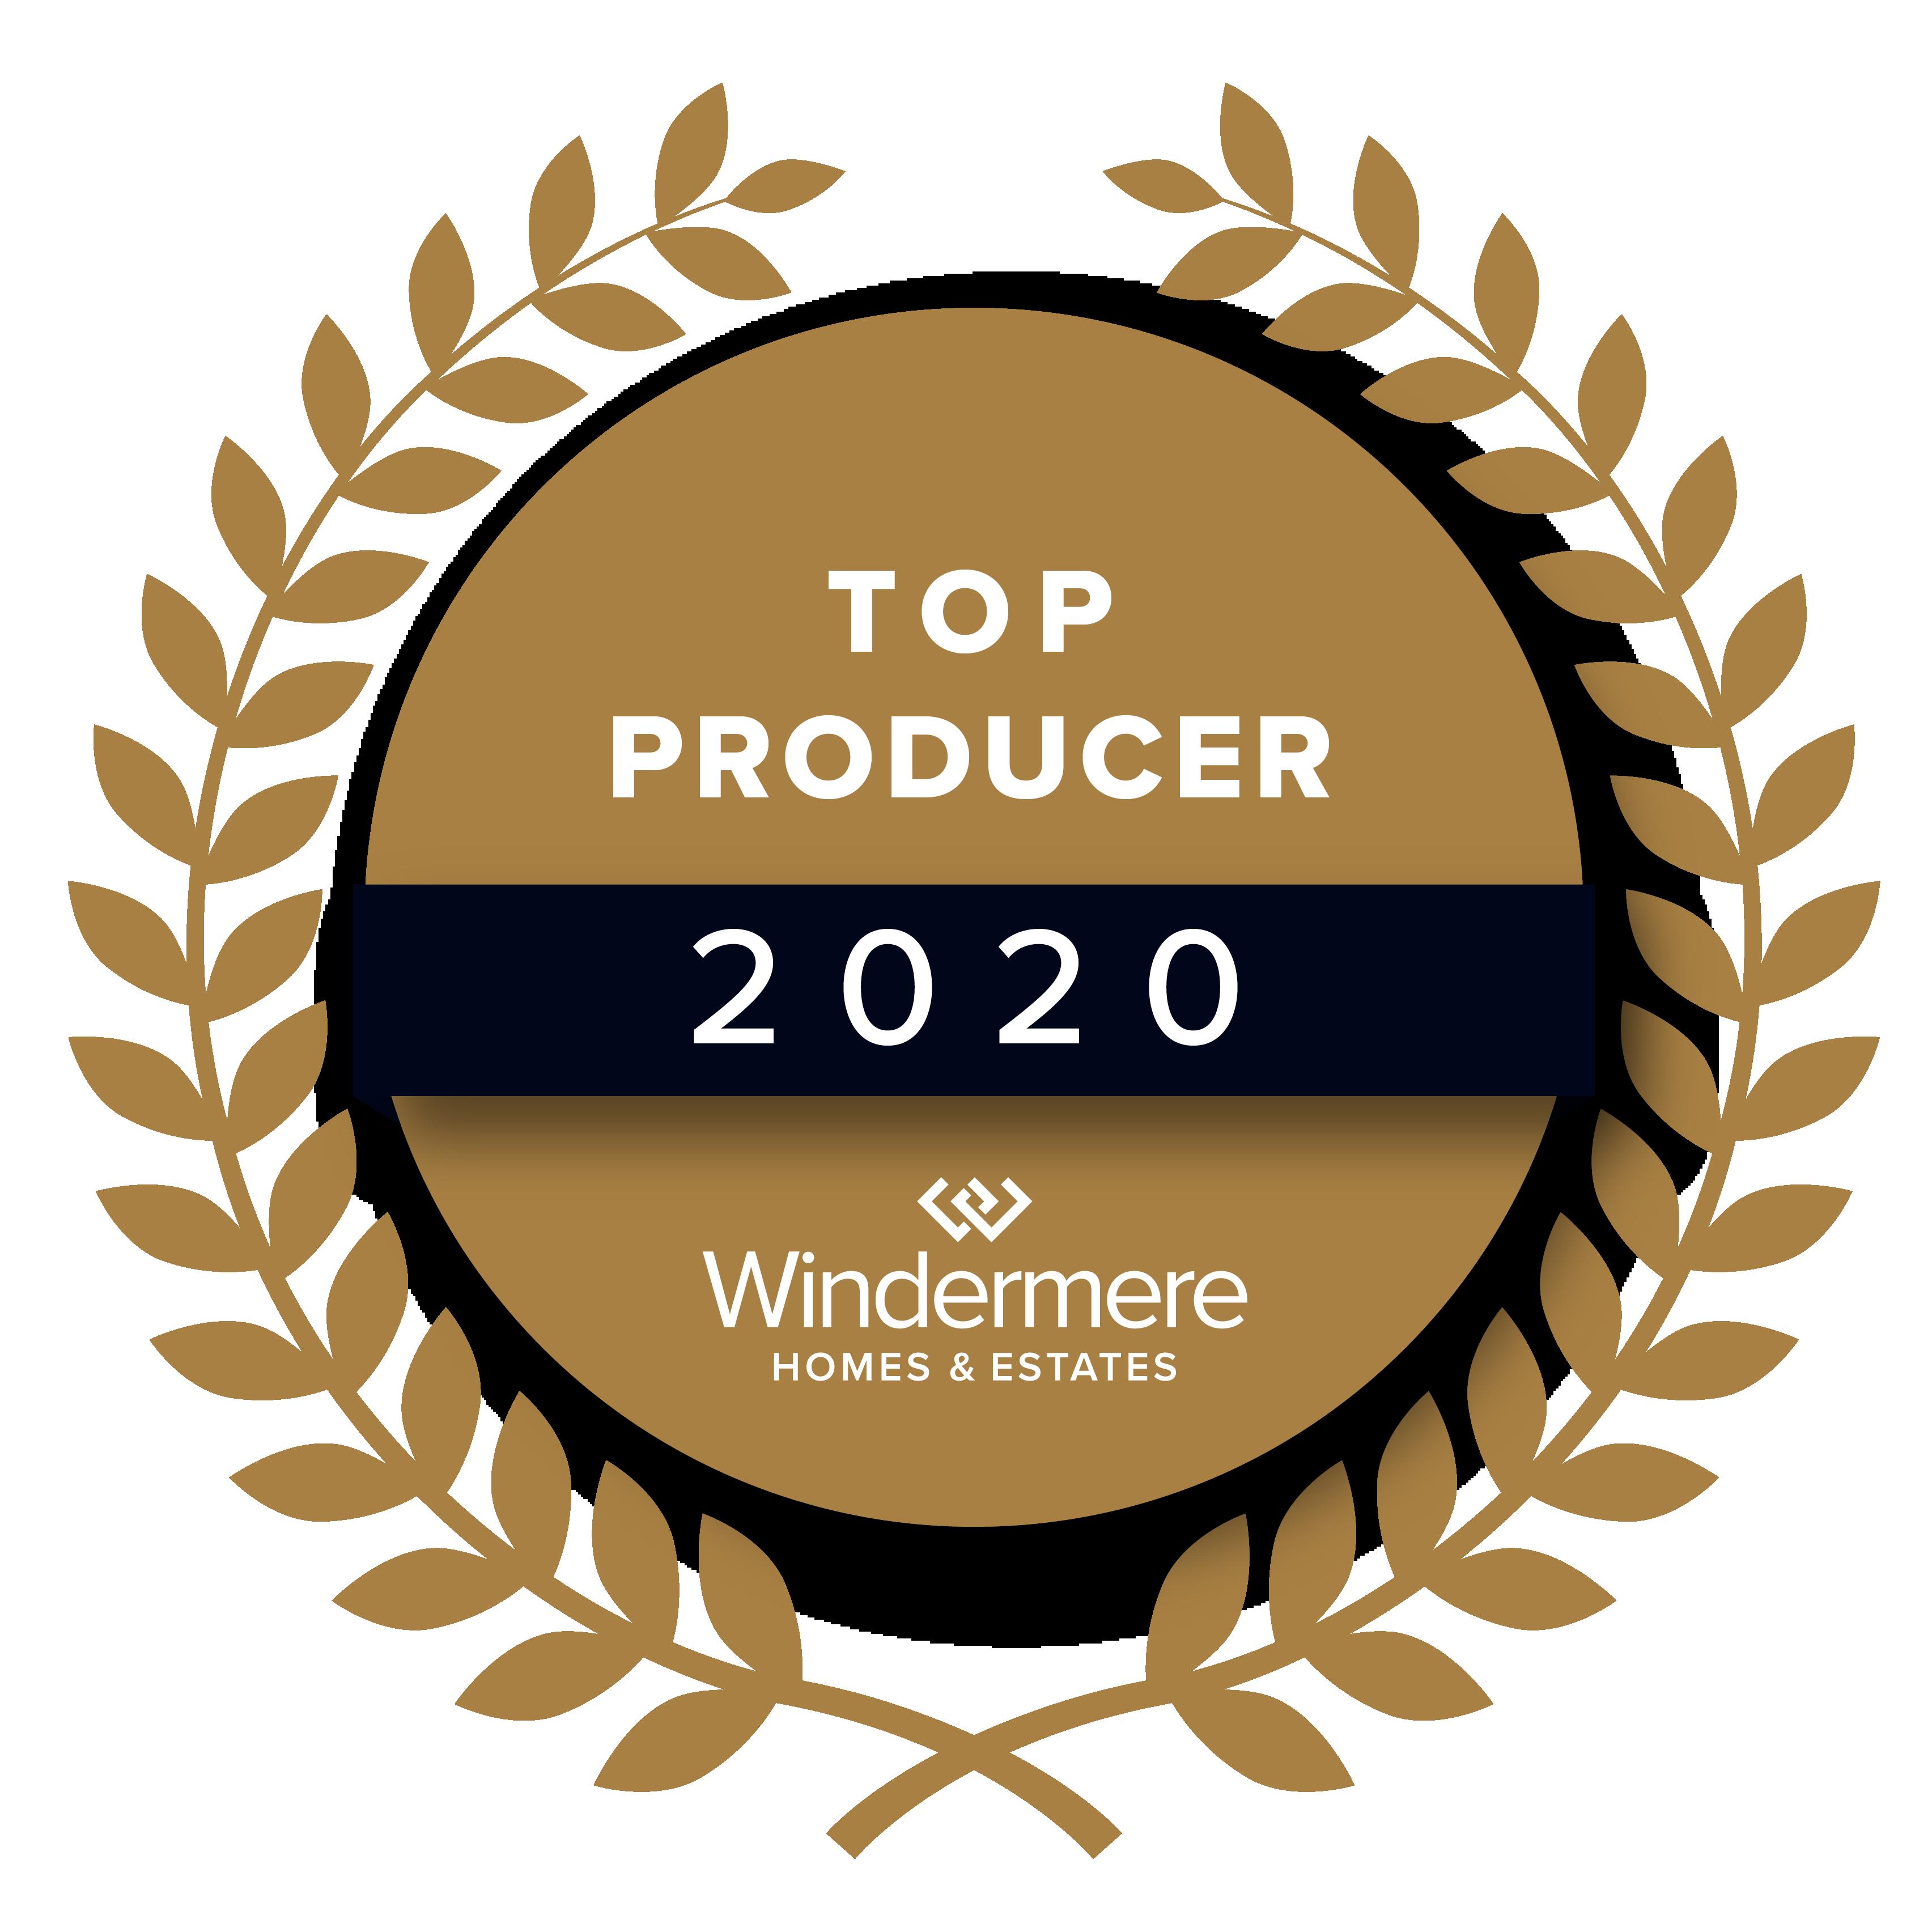 Top Producer Emblem (1)